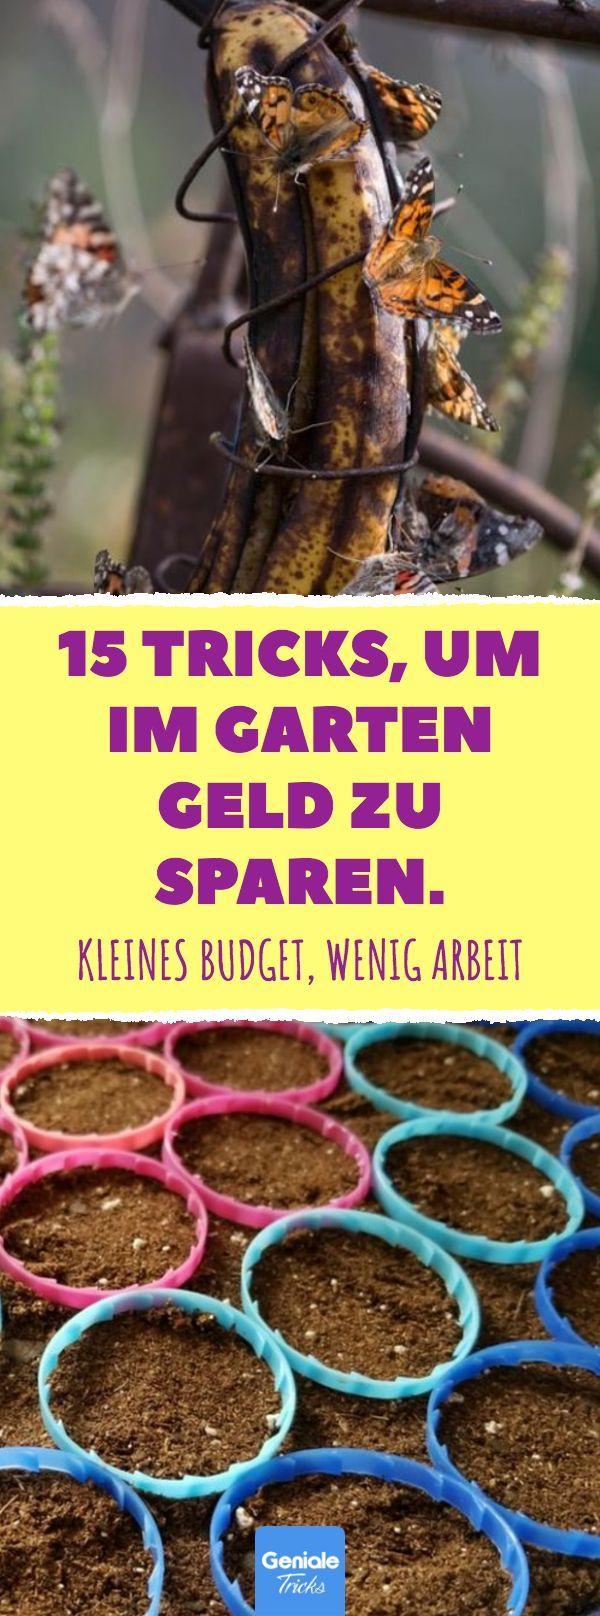 15 Tricks, um im Garten Geld zu sparen. Günstige Gartenideen: 15 Tipps zur #herbsgarden